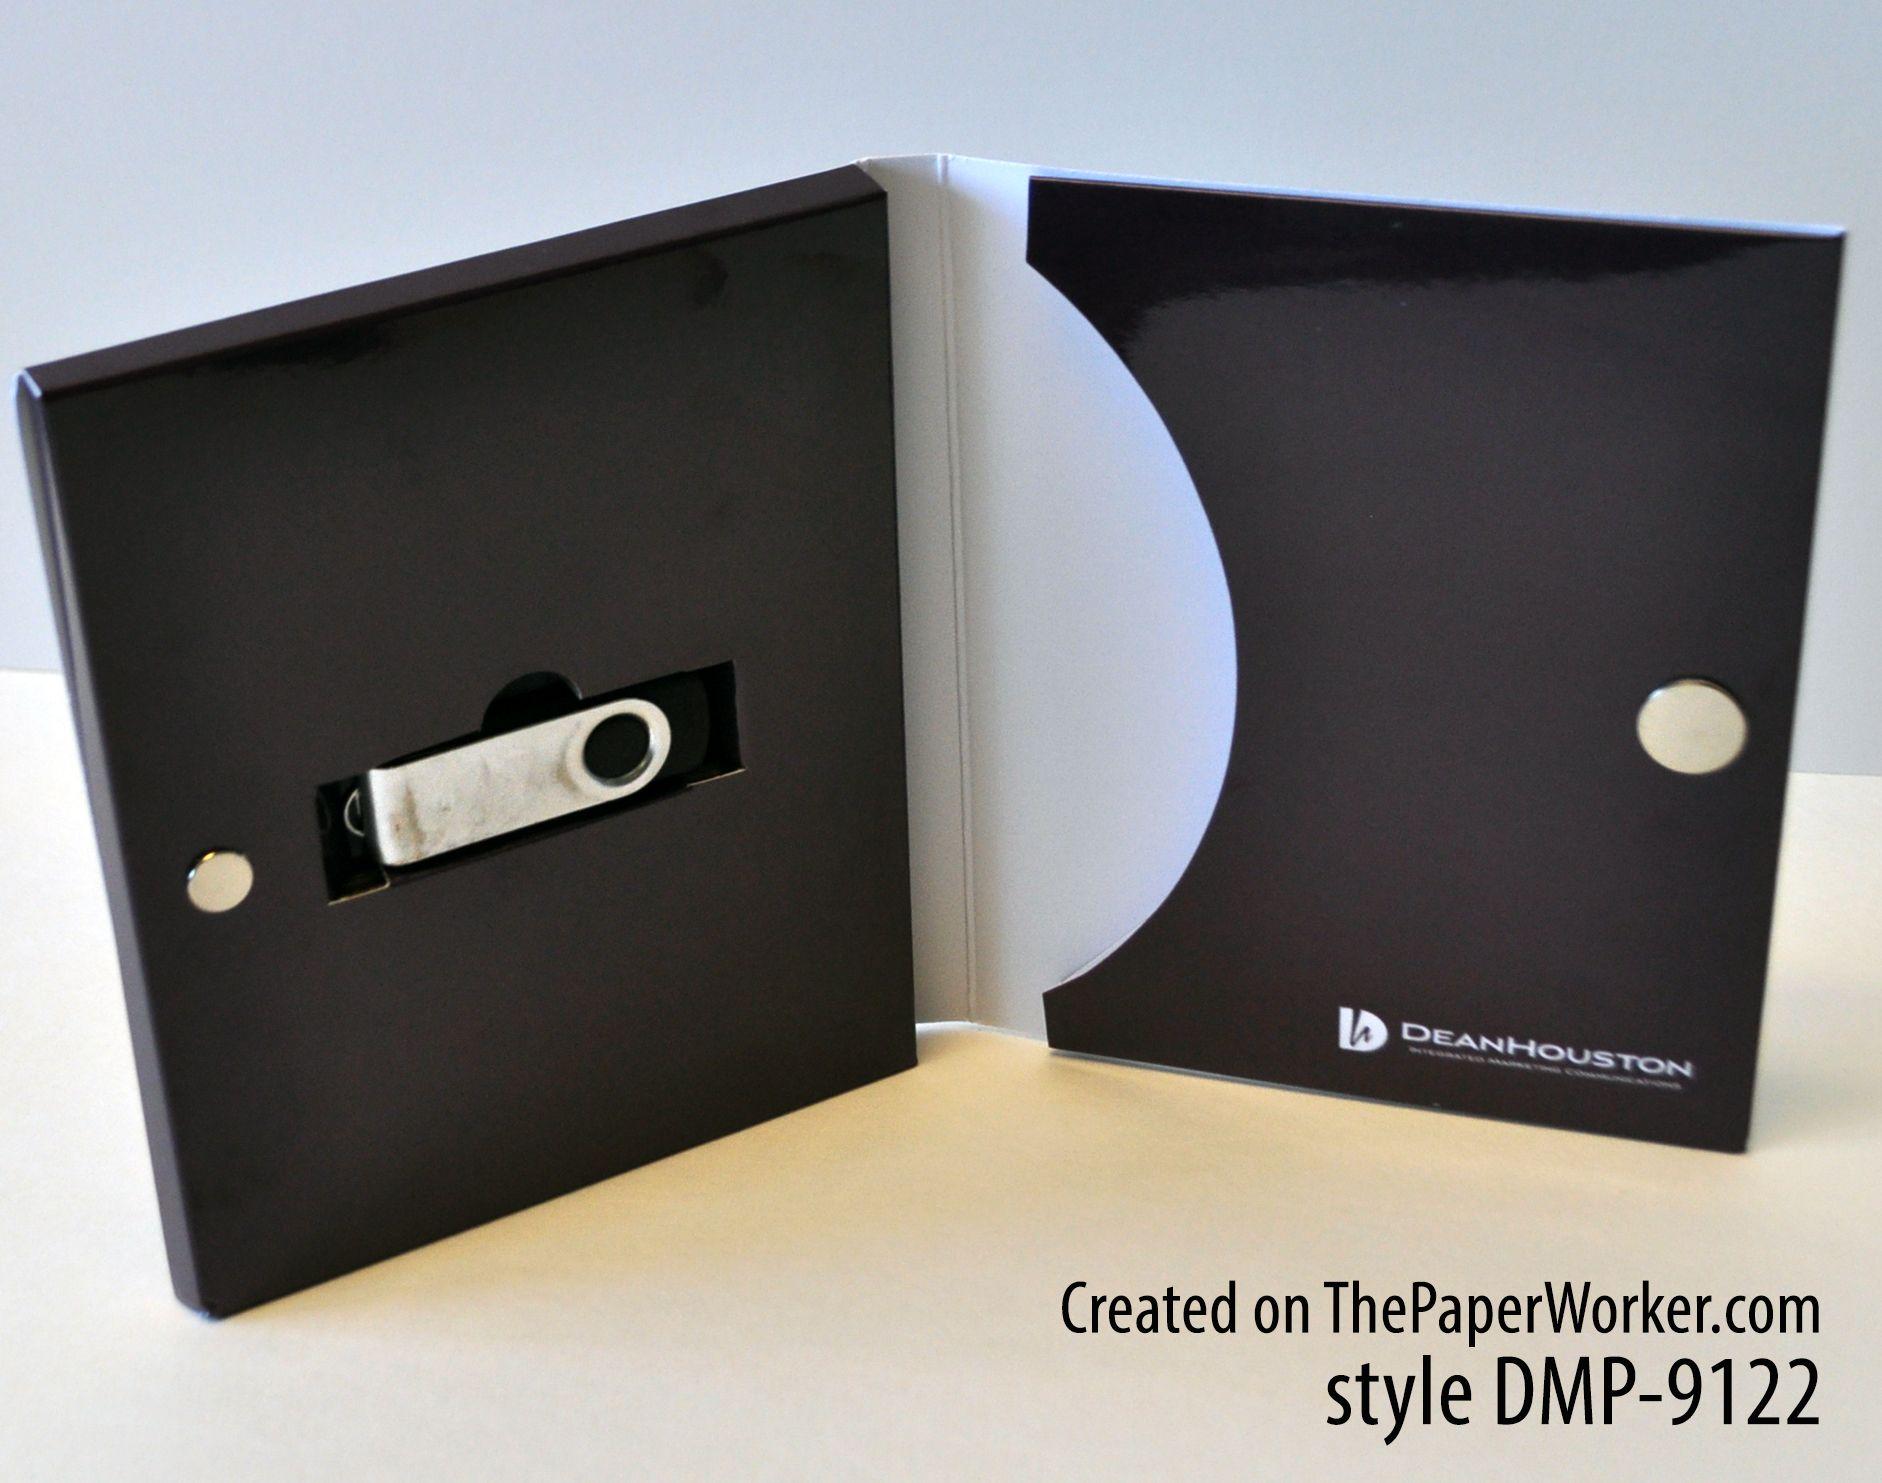 custom flash drive packaging designed on thepaperworker